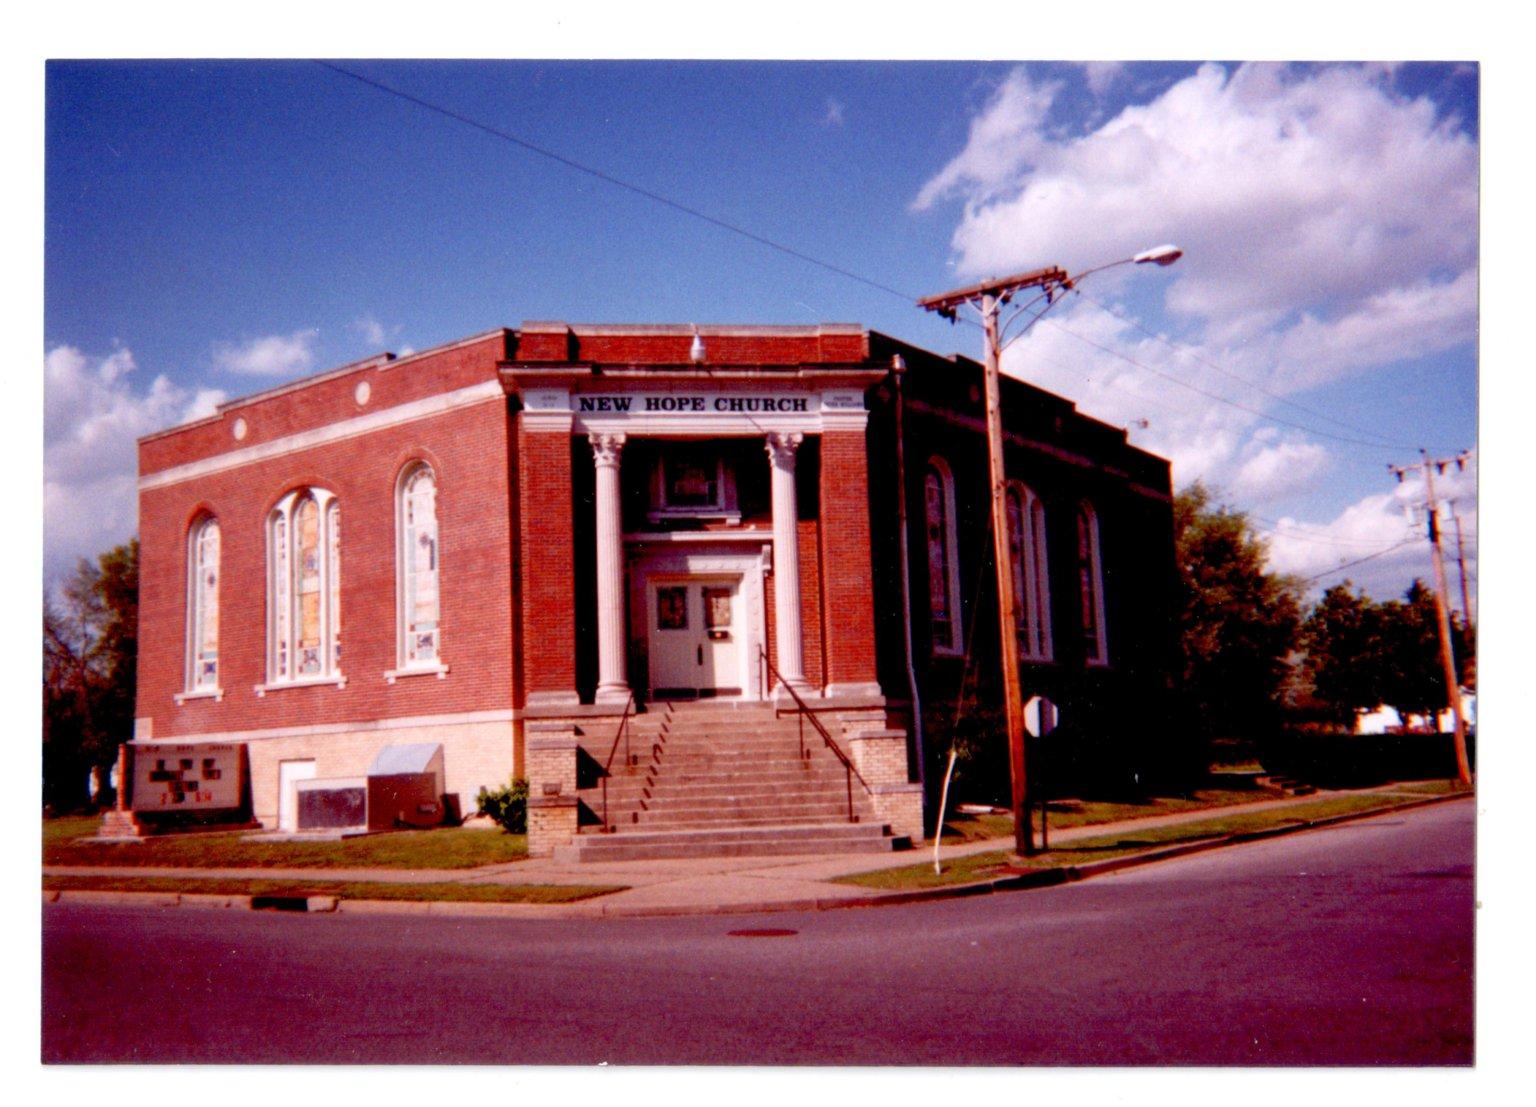 Murrell Blvd. Christian Church